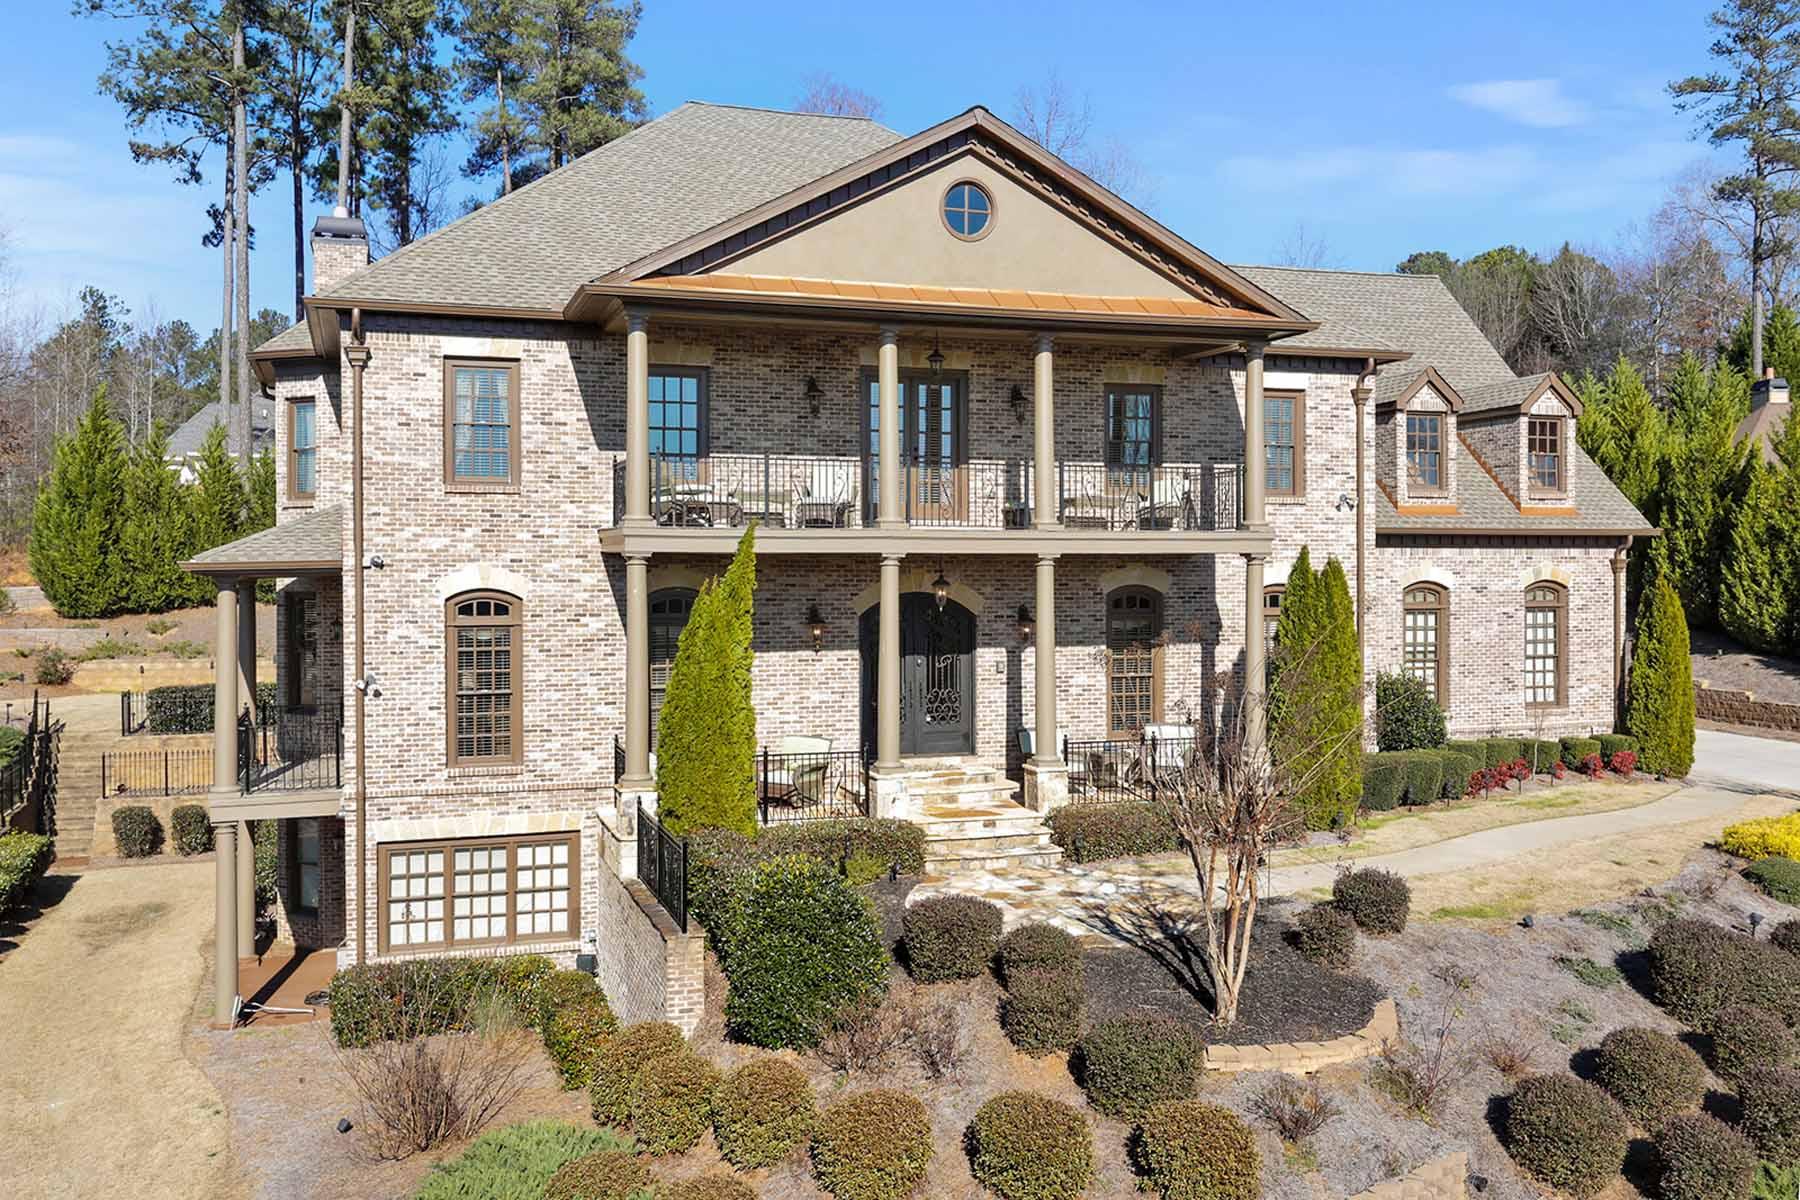 Частный односемейный дом для того Продажа на An Extraordinary Home for a Car Enthusiast 15810 Manor Trace Alpharetta, Джорджия 30004 Соединенные Штаты